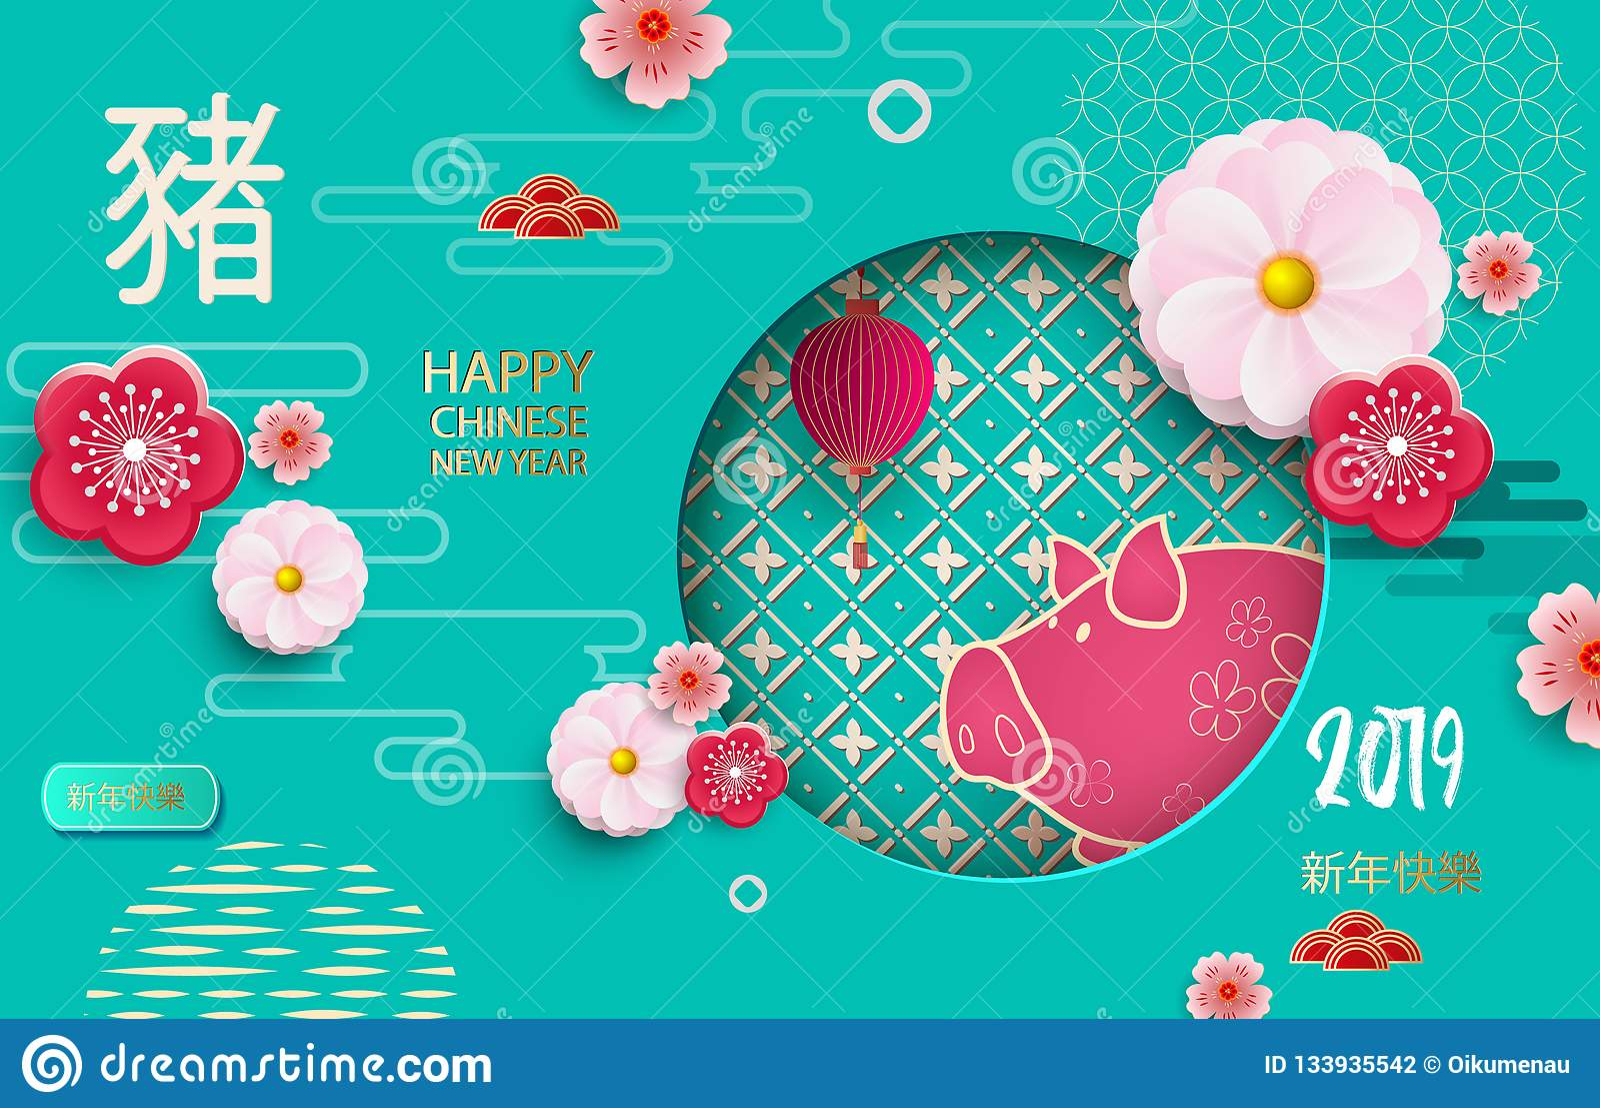 农历新年的明亮的贺卡2019年 纸花、中国元素和乐趣猪 翻译从